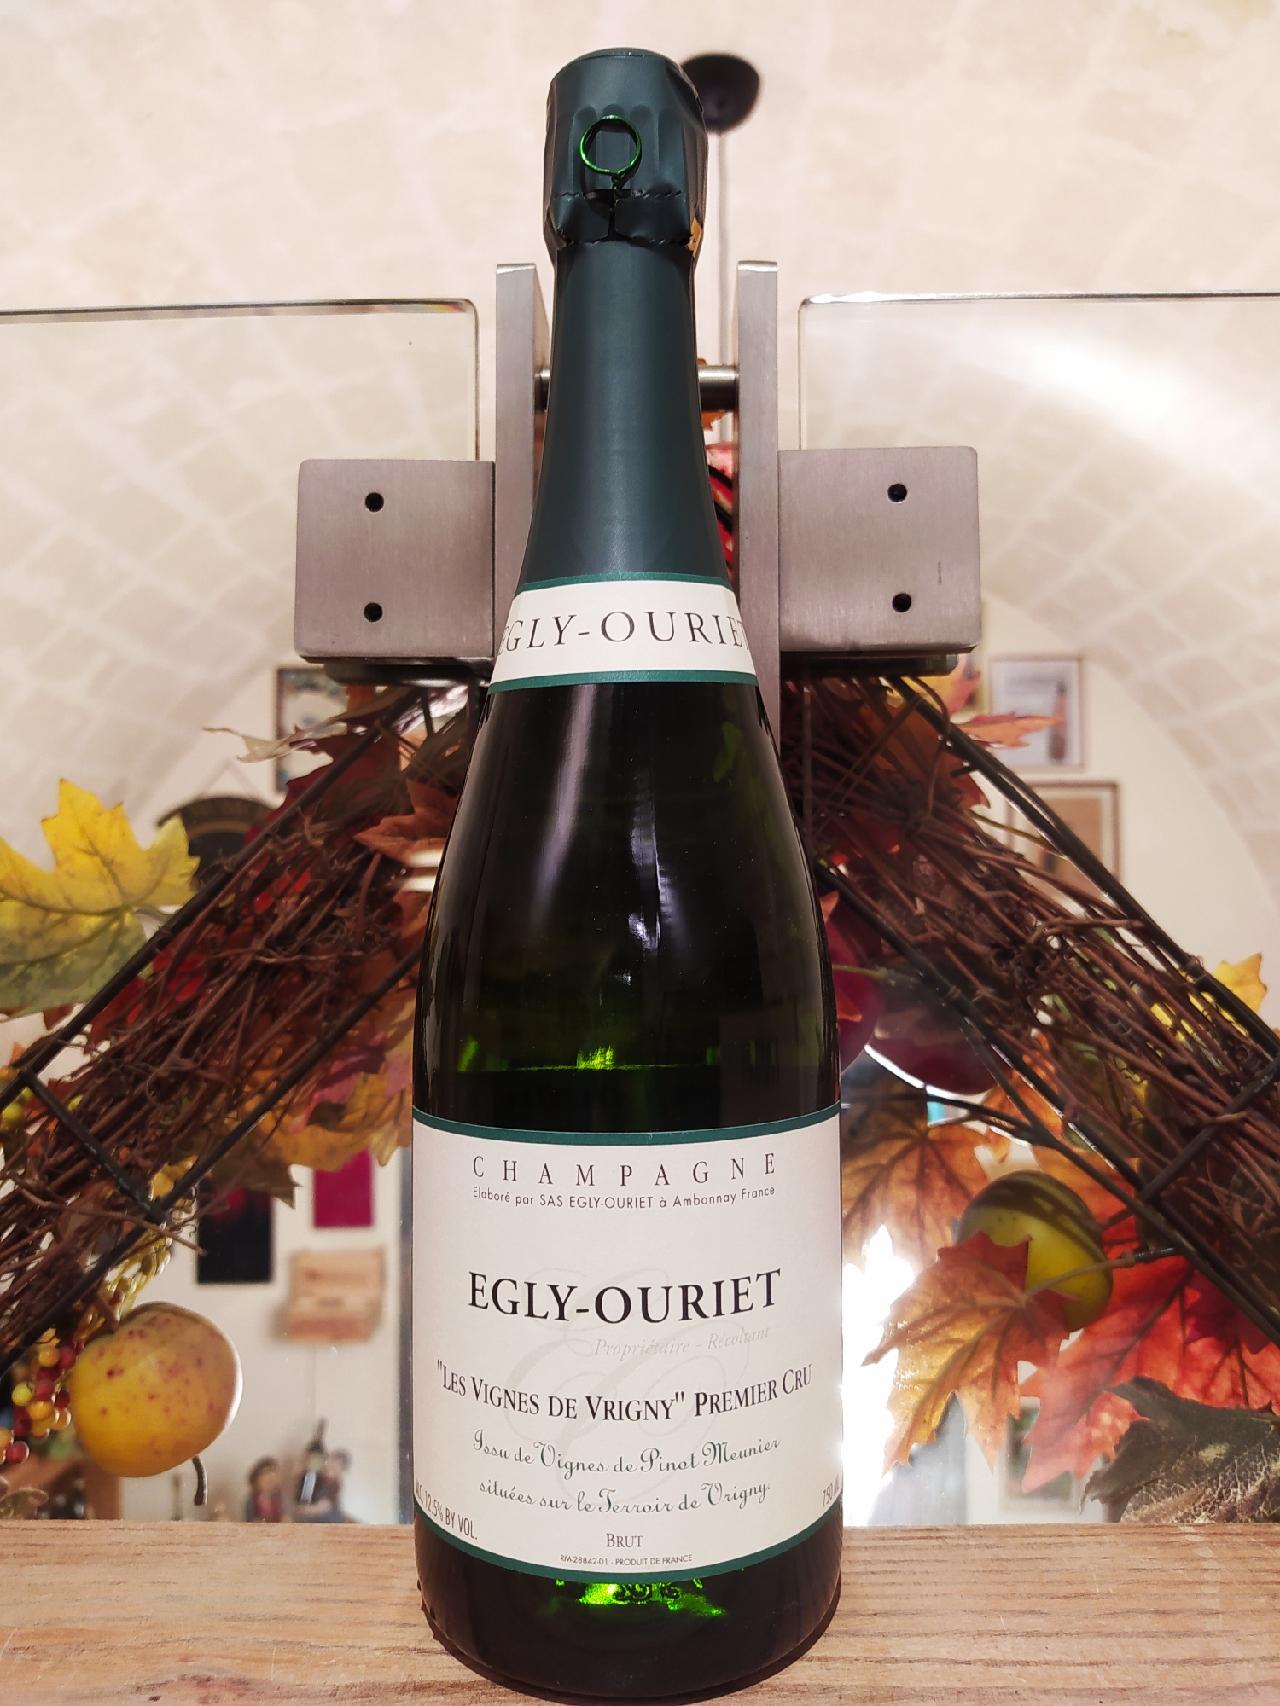 Les Vignes de Vrigny Premiere Cru Egly-Ouriet Champagne Brut